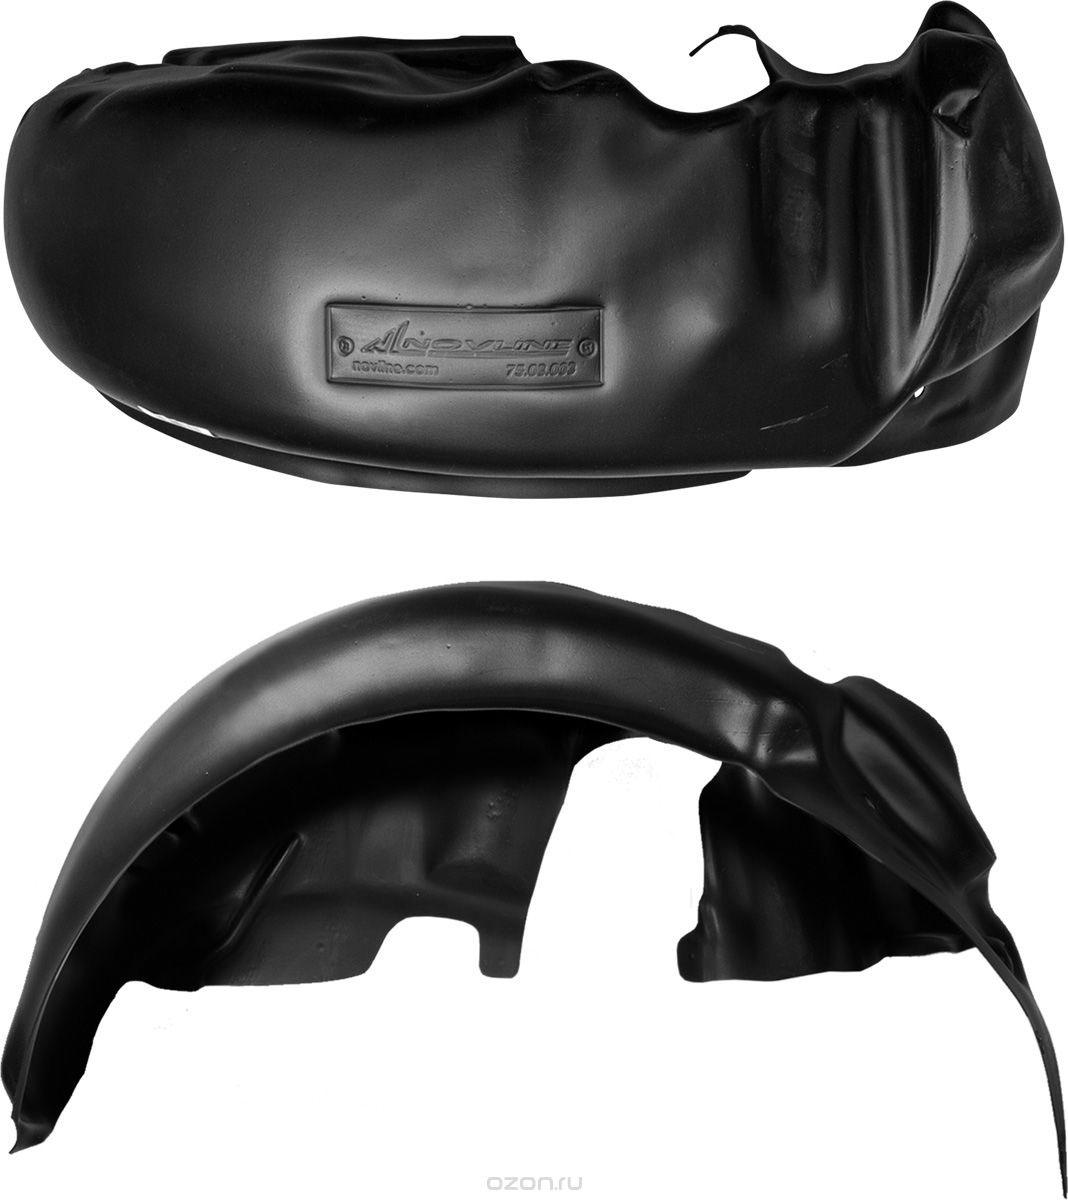 Подкрылок Novline-Autofamily, для Peugeot Boxer, 2006-2014, без расширителей арок, передний правыйNLL.38.18.002Идеальная защита колесной ниши. Локеры разработаны с применением цифровых технологий, гарантируют максимальную повторяемость поверхности арки. Изделия устанавливаются без нарушения лакокрасочного покрытия автомобиля, каждый подкрылок комплектуется крепежом. Уважаемые клиенты, обращаем ваше внимание, что фотографии на подкрылки универсальные и не отражают реальную форму изделия. При этом само изделие идет точно под размер указанного автомобиля.